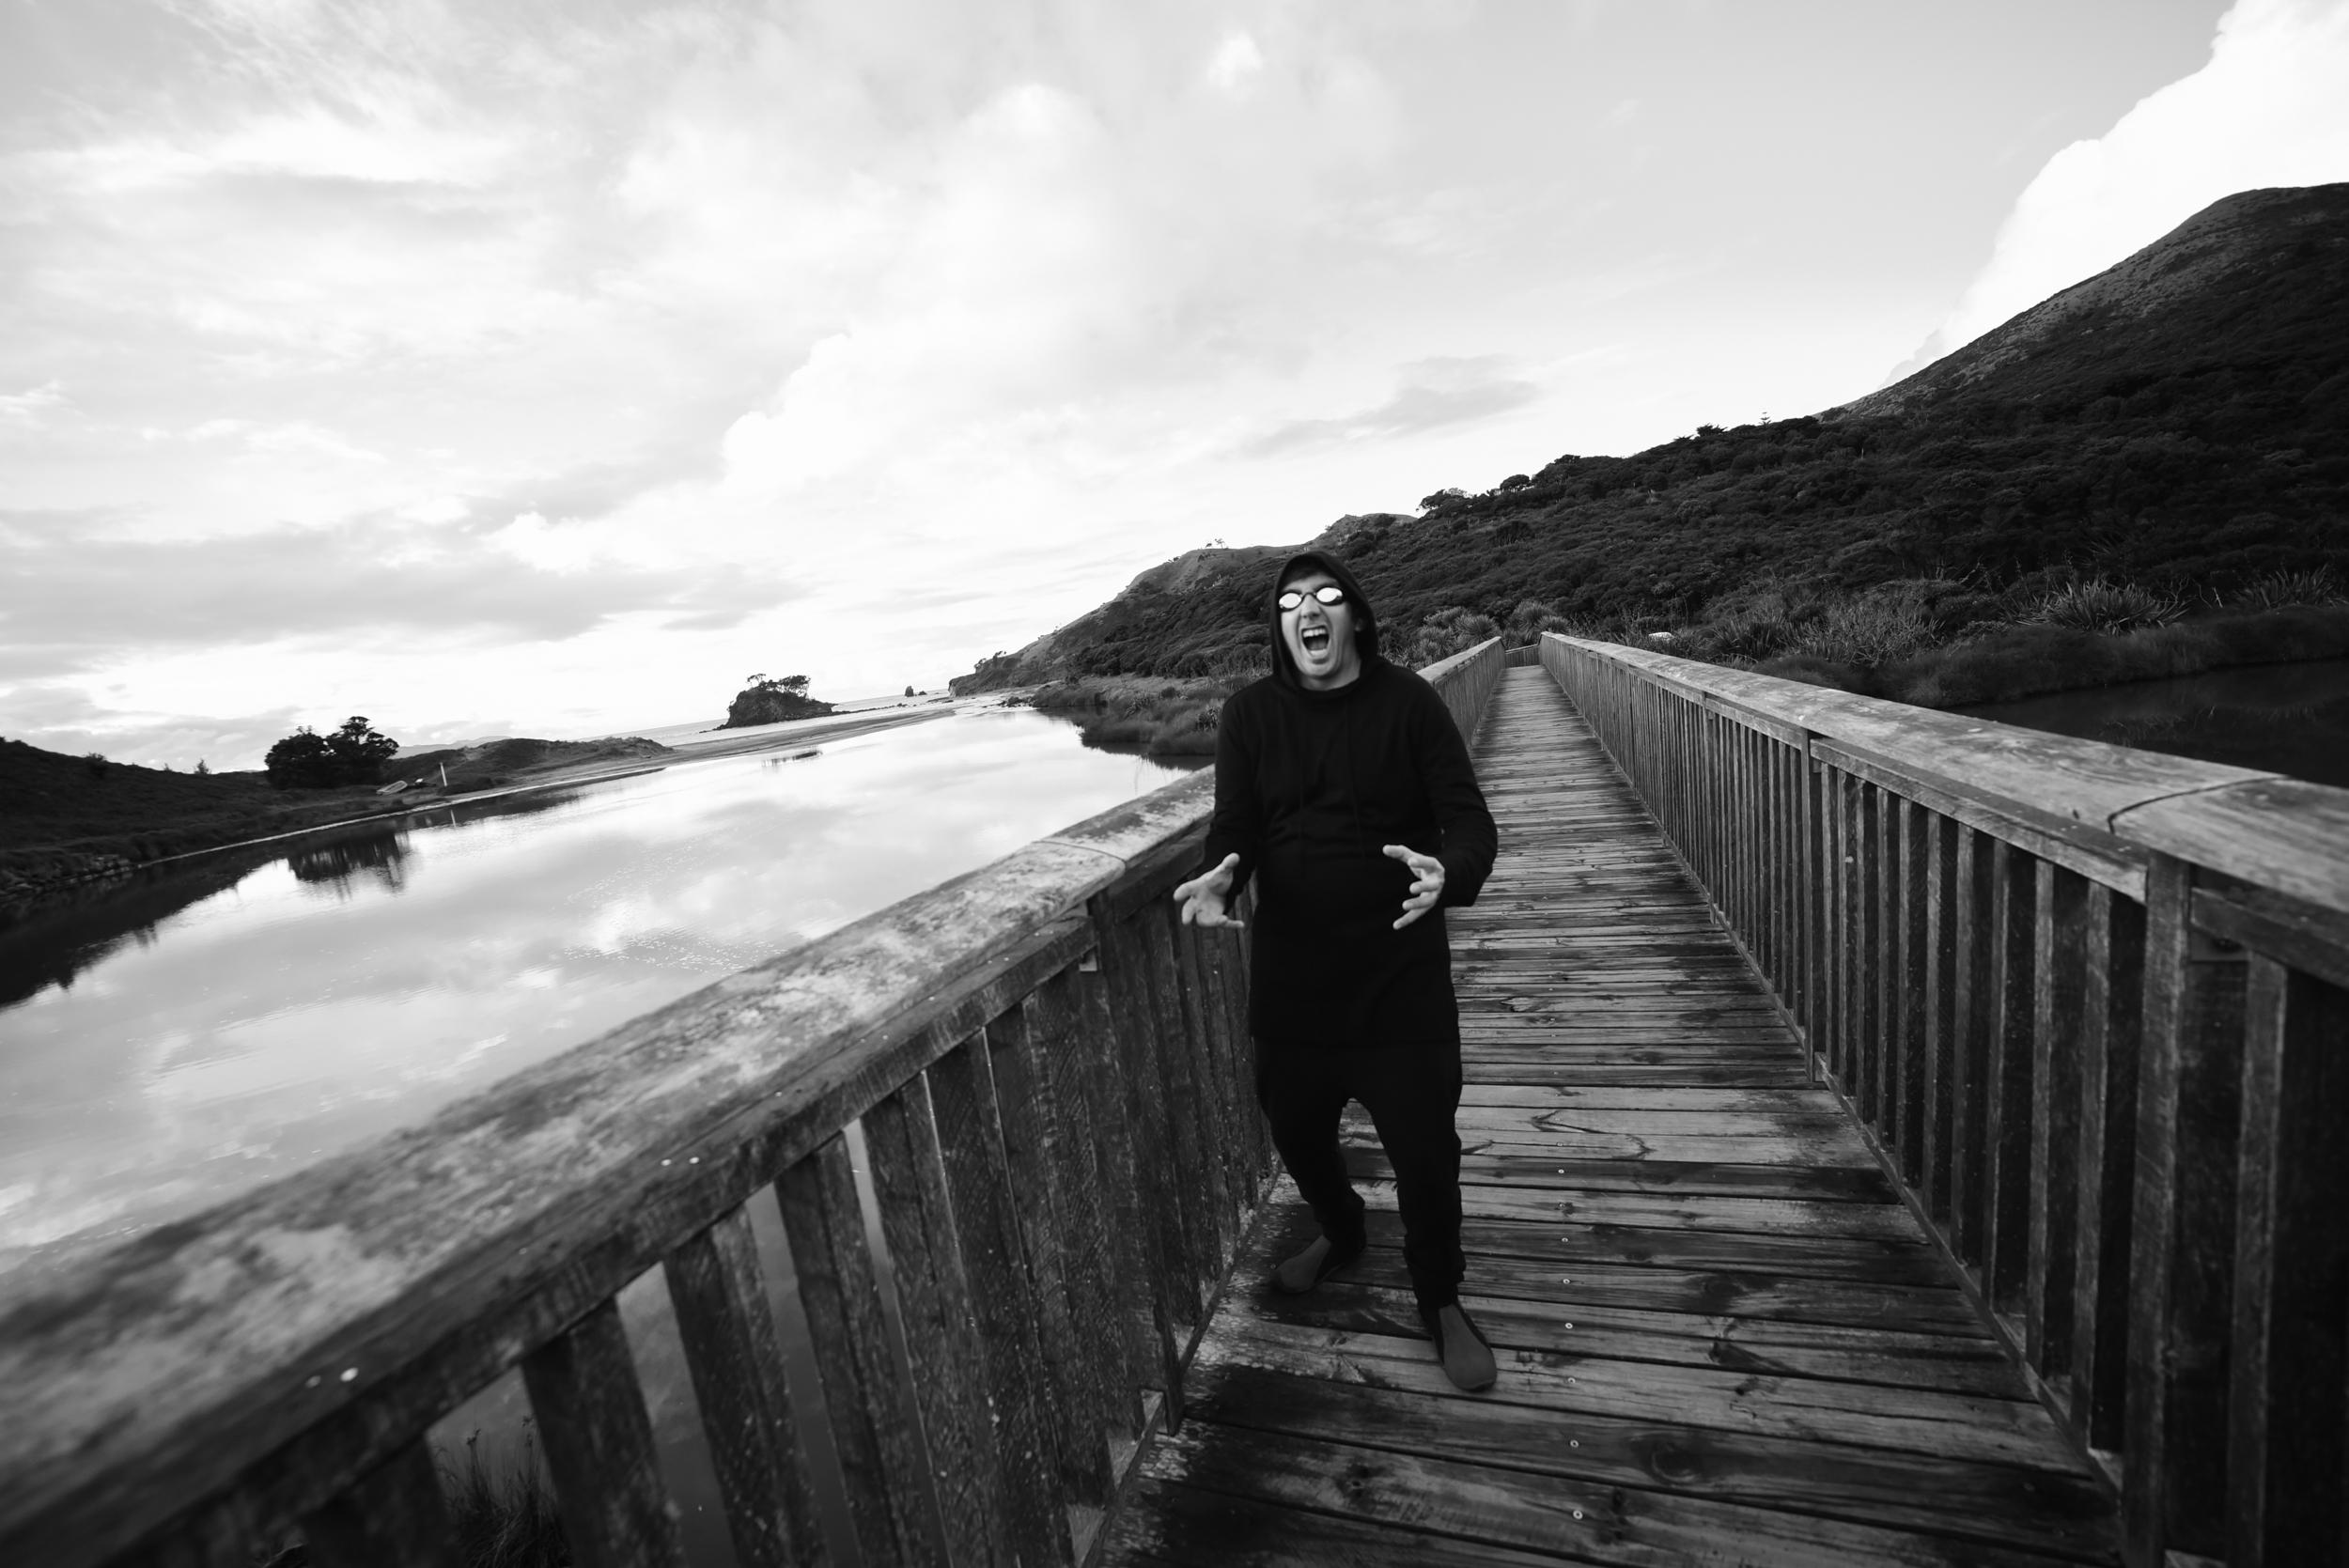 DAAAAAAARRRRTTTT! Dark Arts afoot - Great Barrier Island